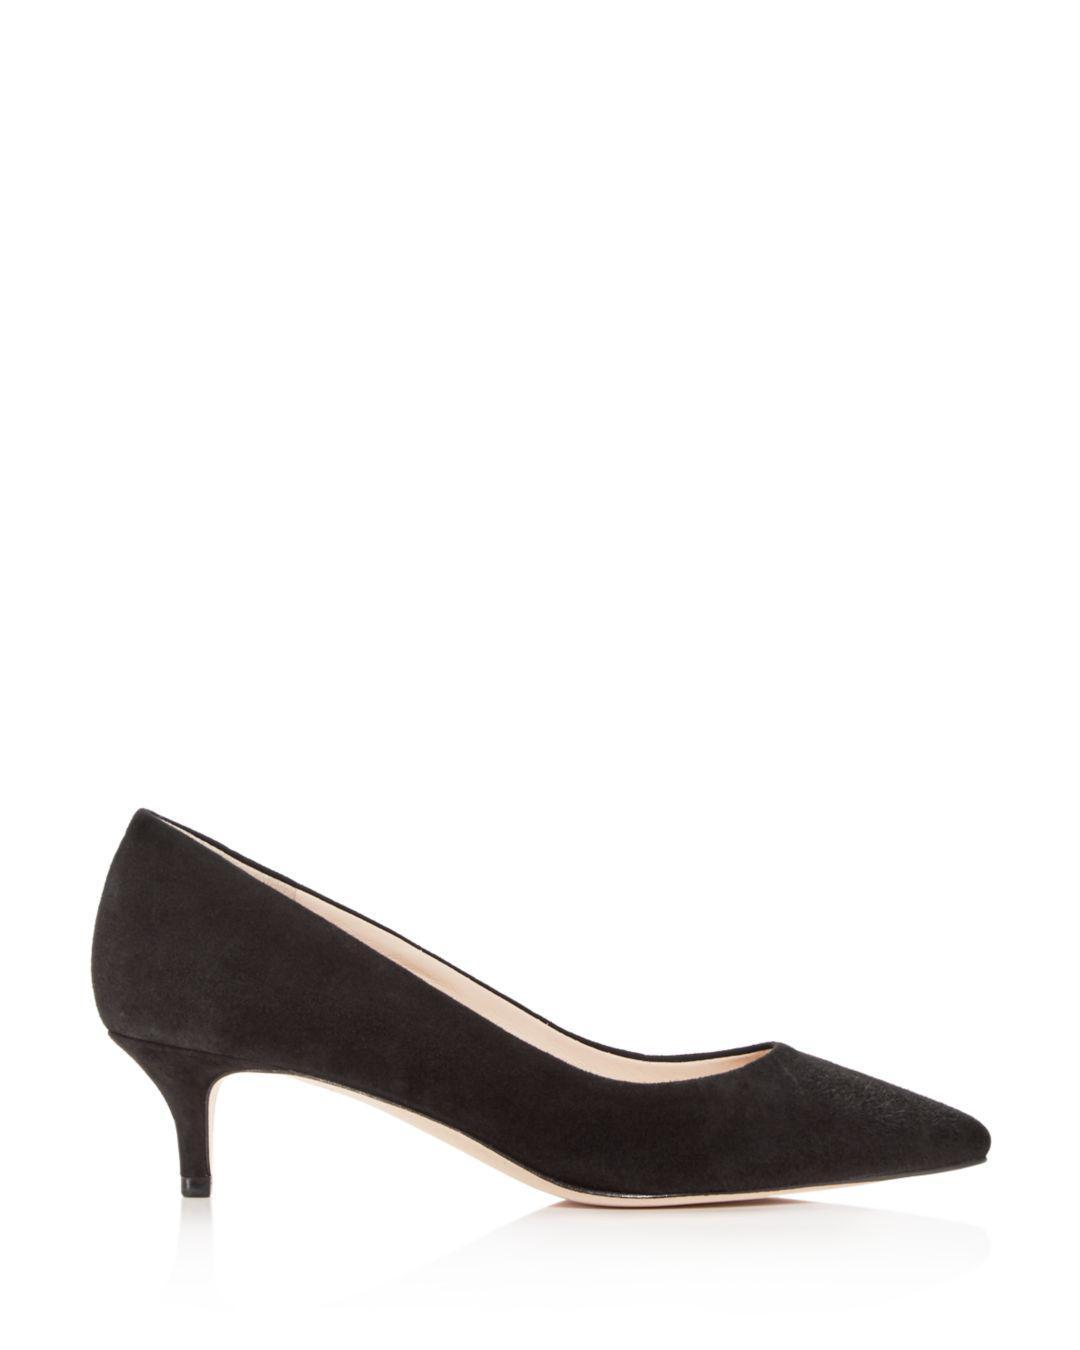 61237771ab58 Lyst - Cole Haan Women s Vesta Suede Kitten-heel Pumps in Black